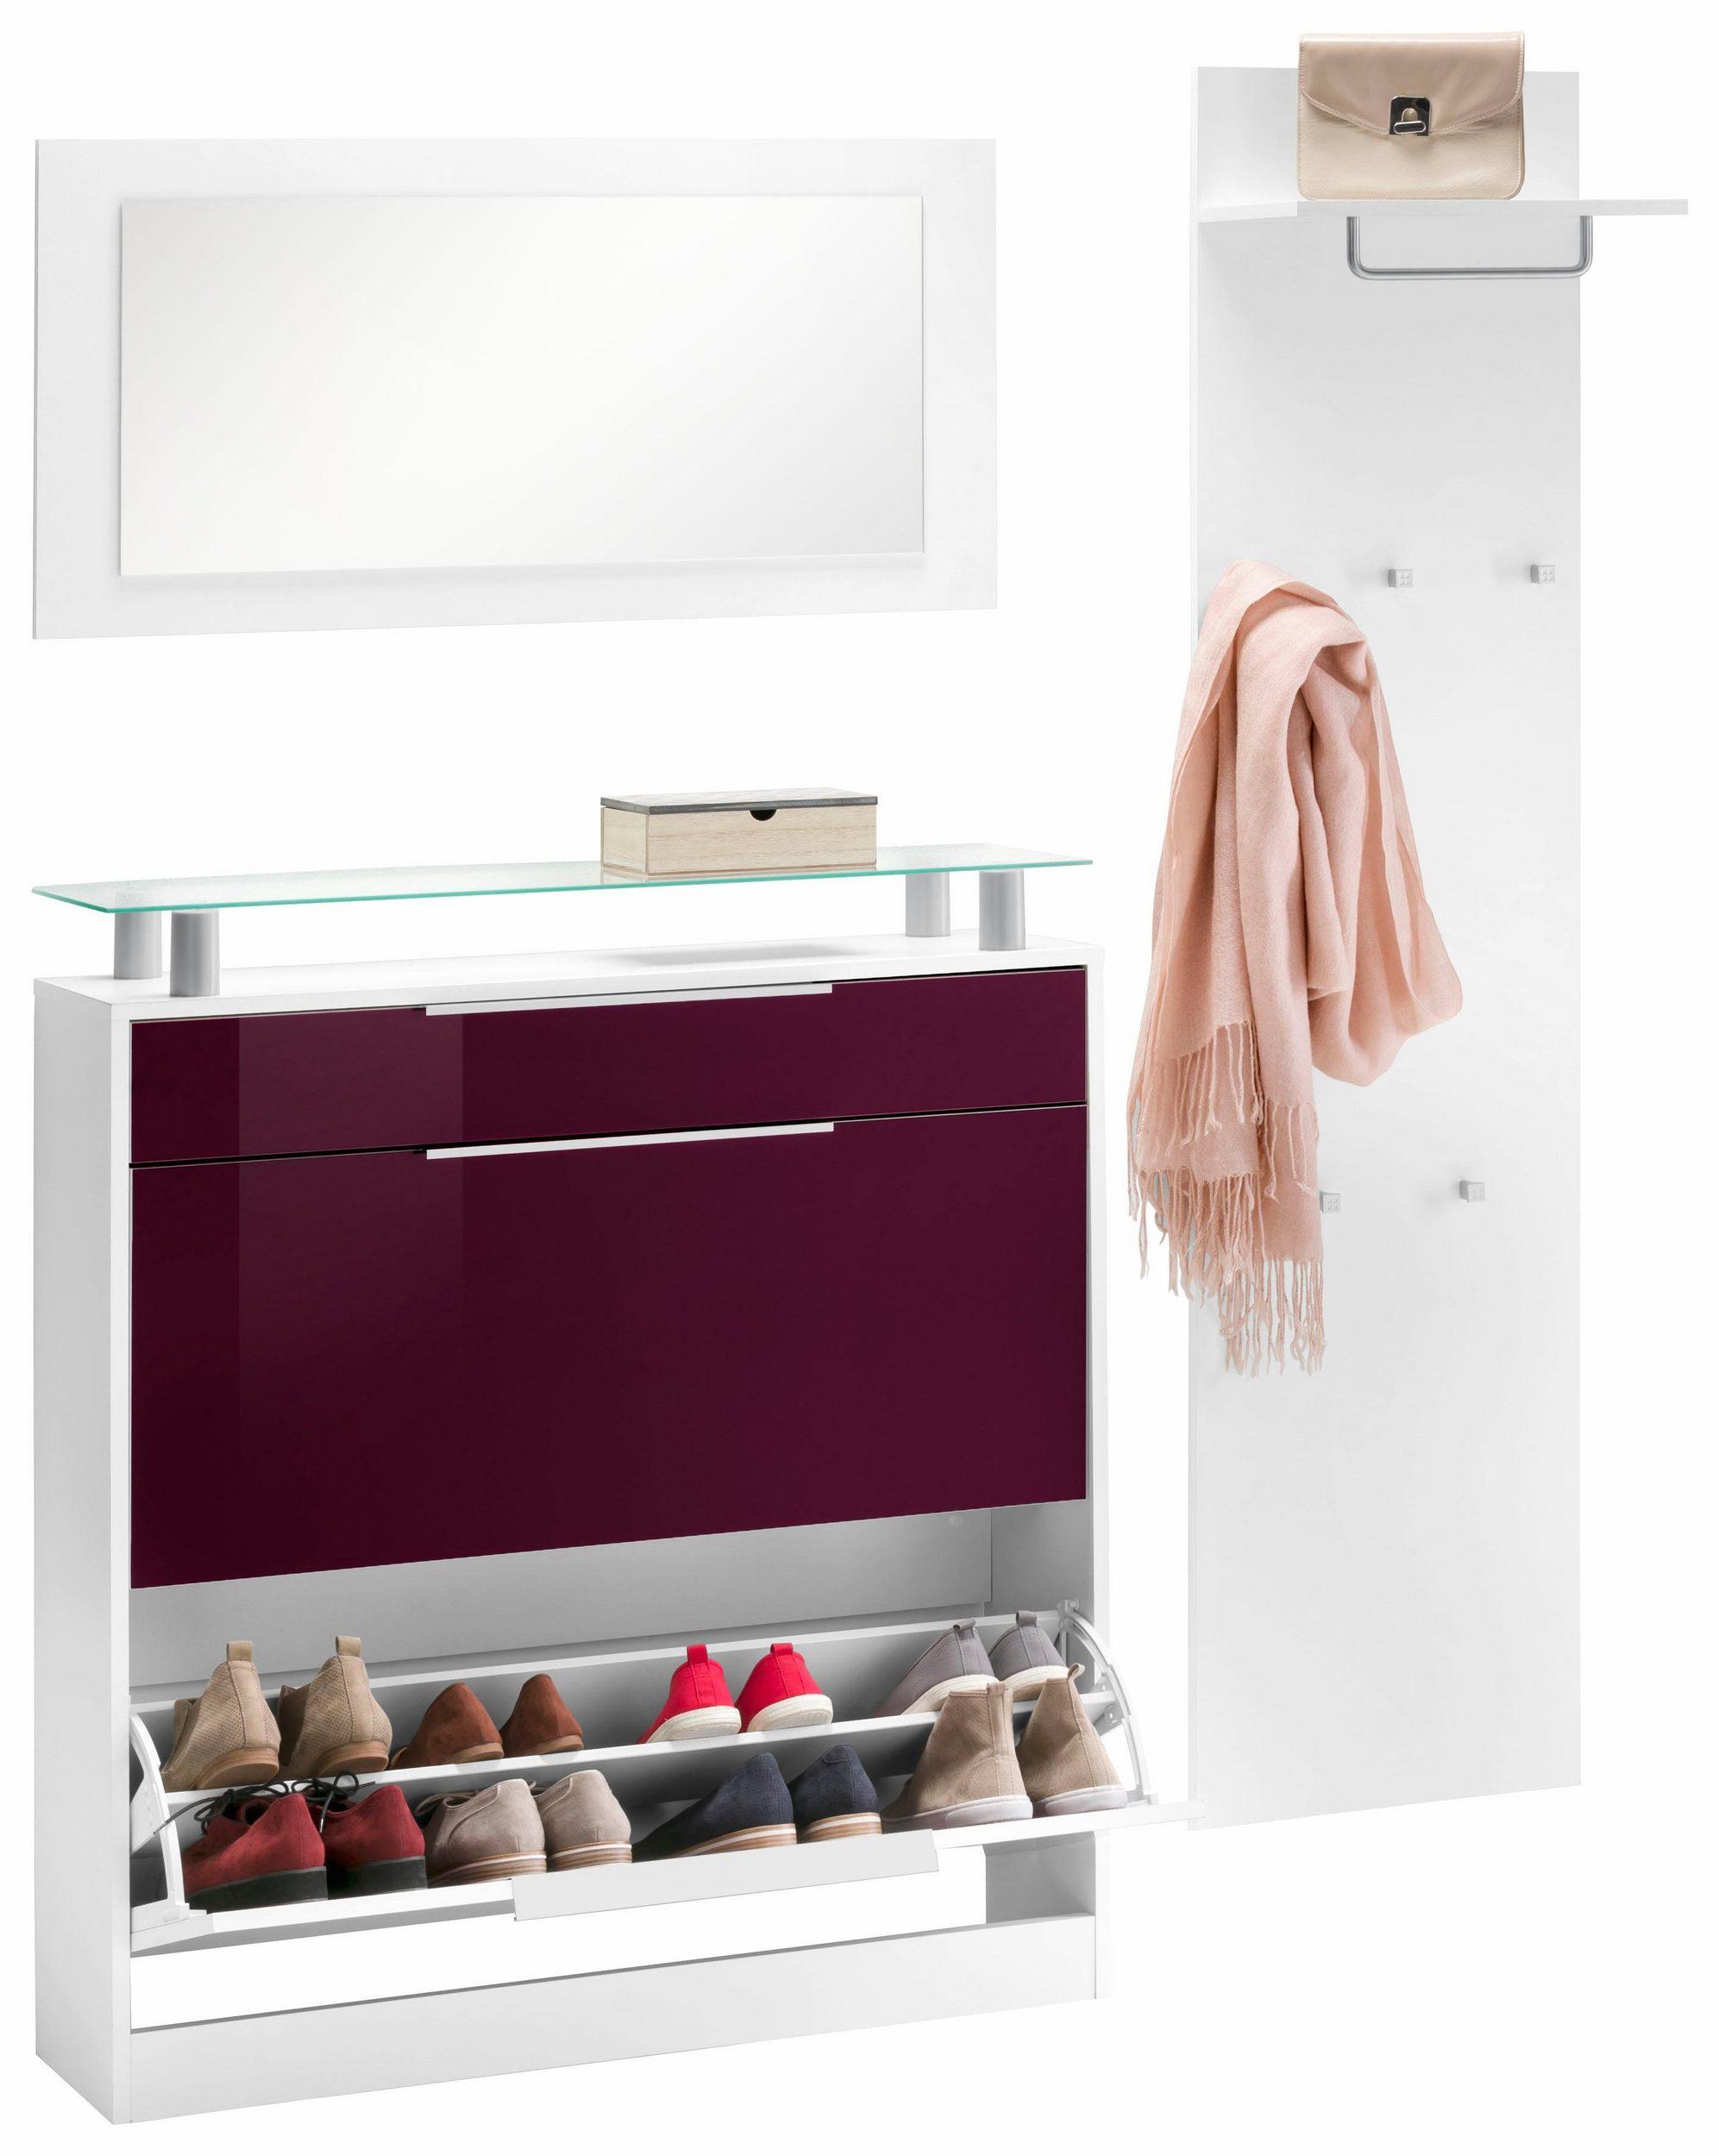 44 sparen garderoben set oliva 3 teilig ab 149 99 cherry m bel otto. Black Bedroom Furniture Sets. Home Design Ideas